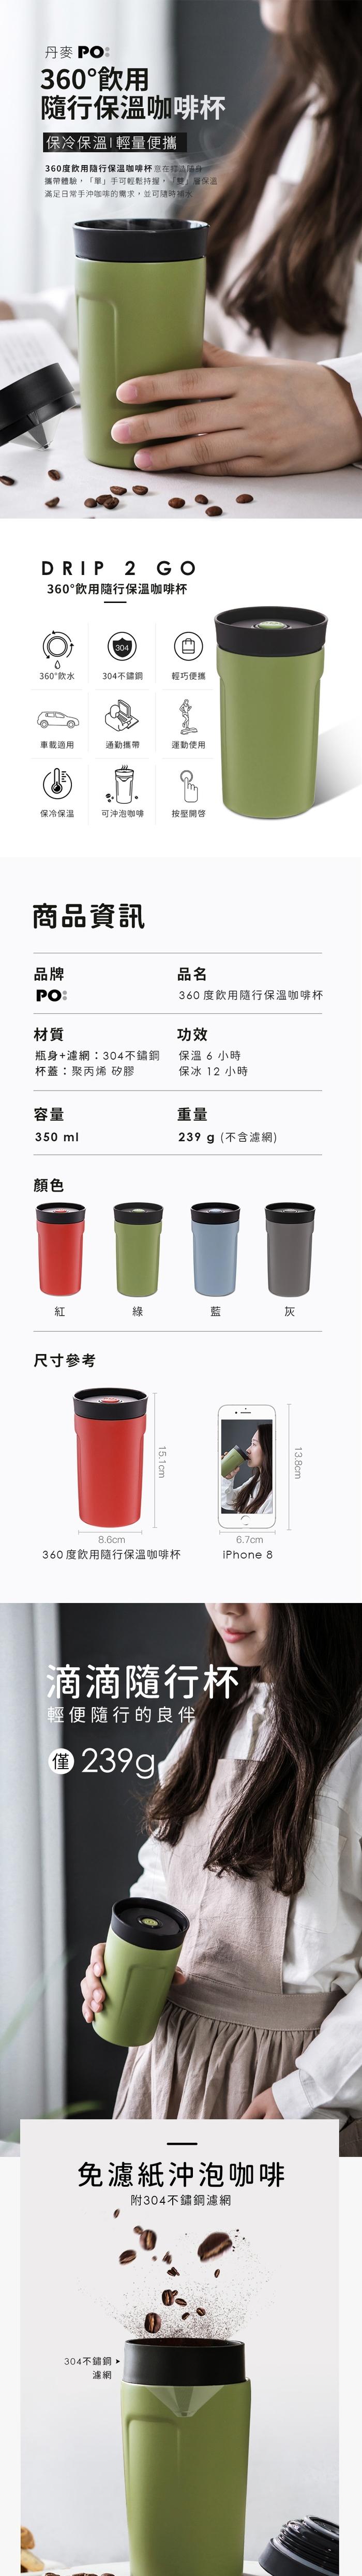 (複製)PO:Selected|丹麥手沖咖啡禮盒組(手沖咖啡壺-黑/咖啡玻璃杯350ml-黑藍)